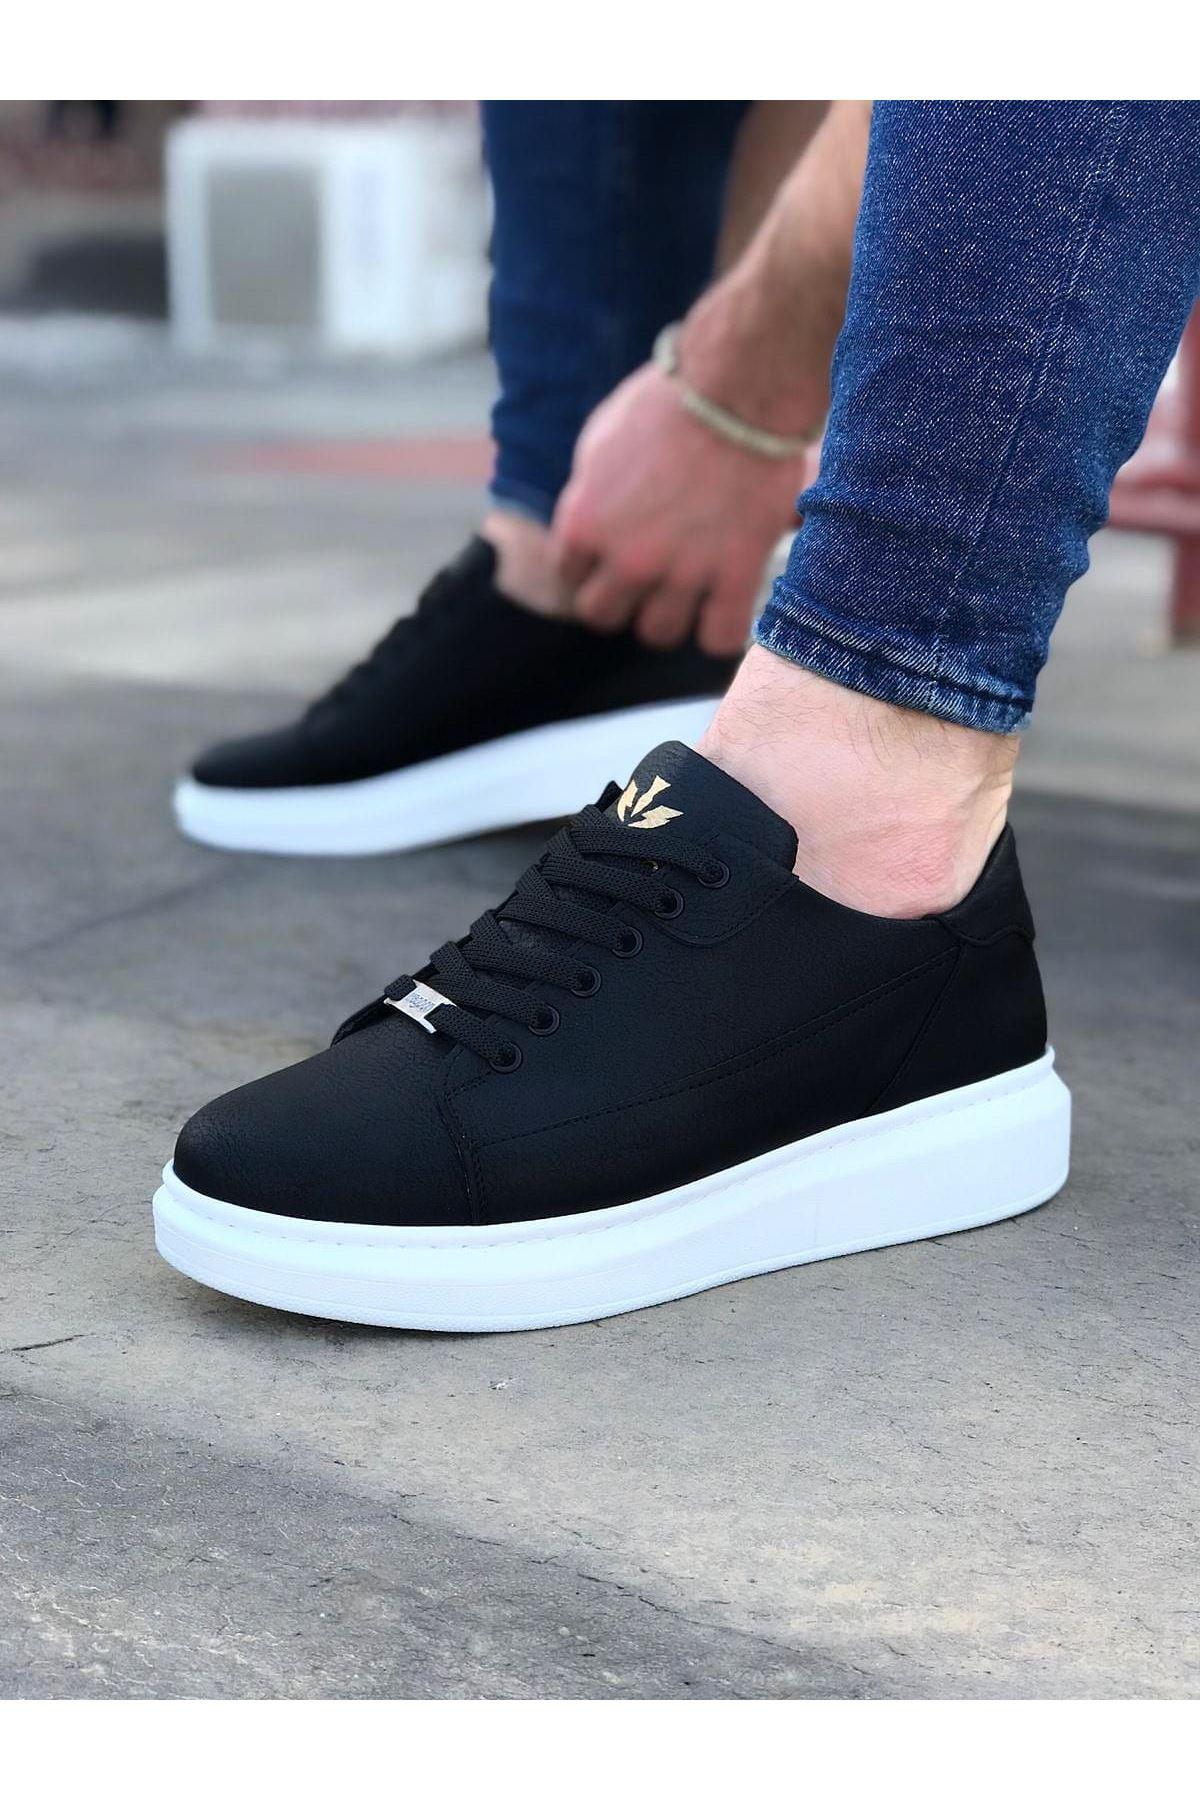 Wagoon WG028 Siyah Bağcıklı Kalın Taban Casual Erkek Ayakkabı